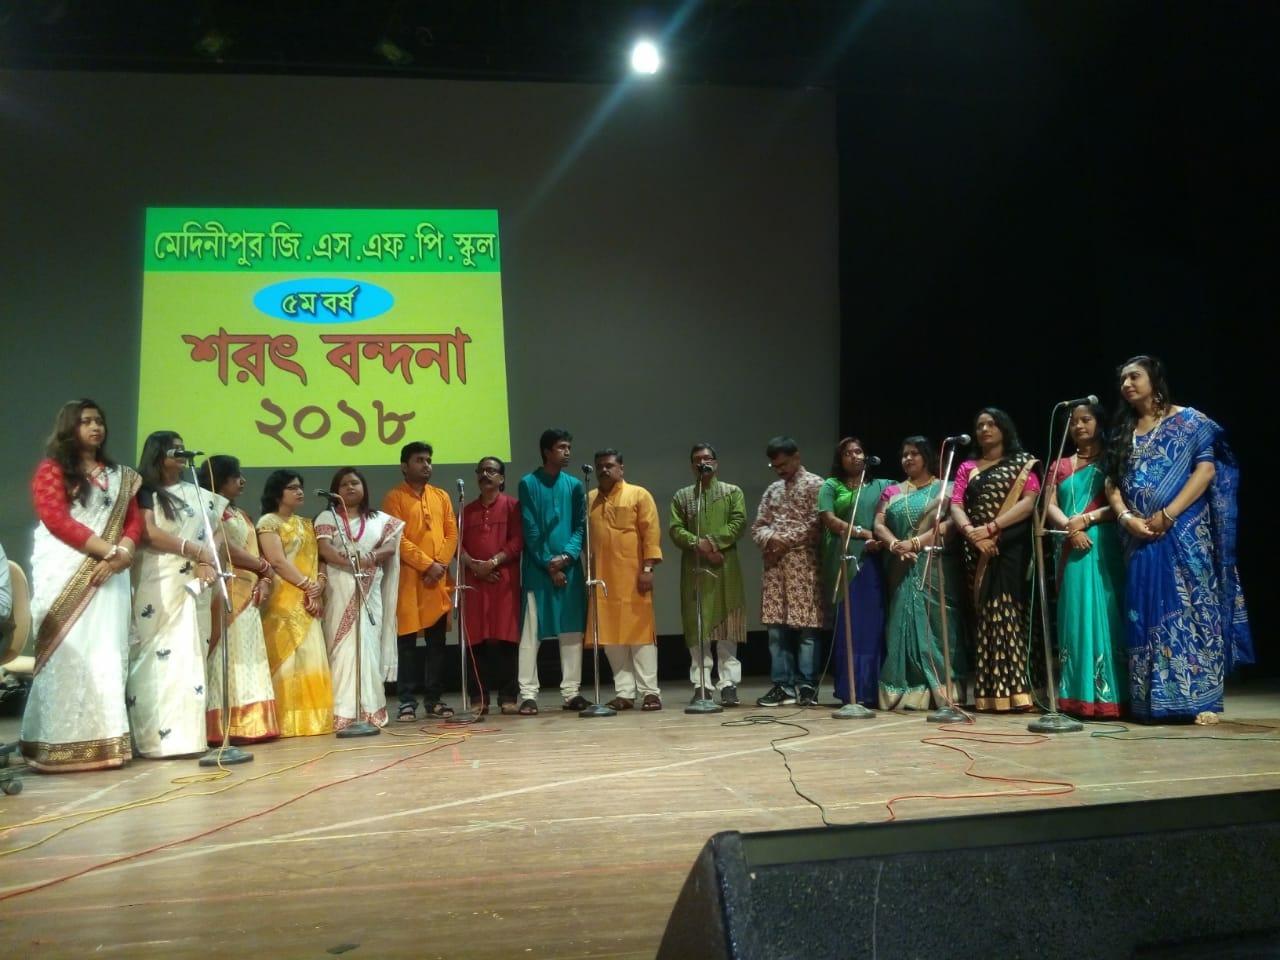 মেদিনীপুর জি এস এফ পি প্রাথমিক বিদ্যালয়ের শরৎ বন্দনা